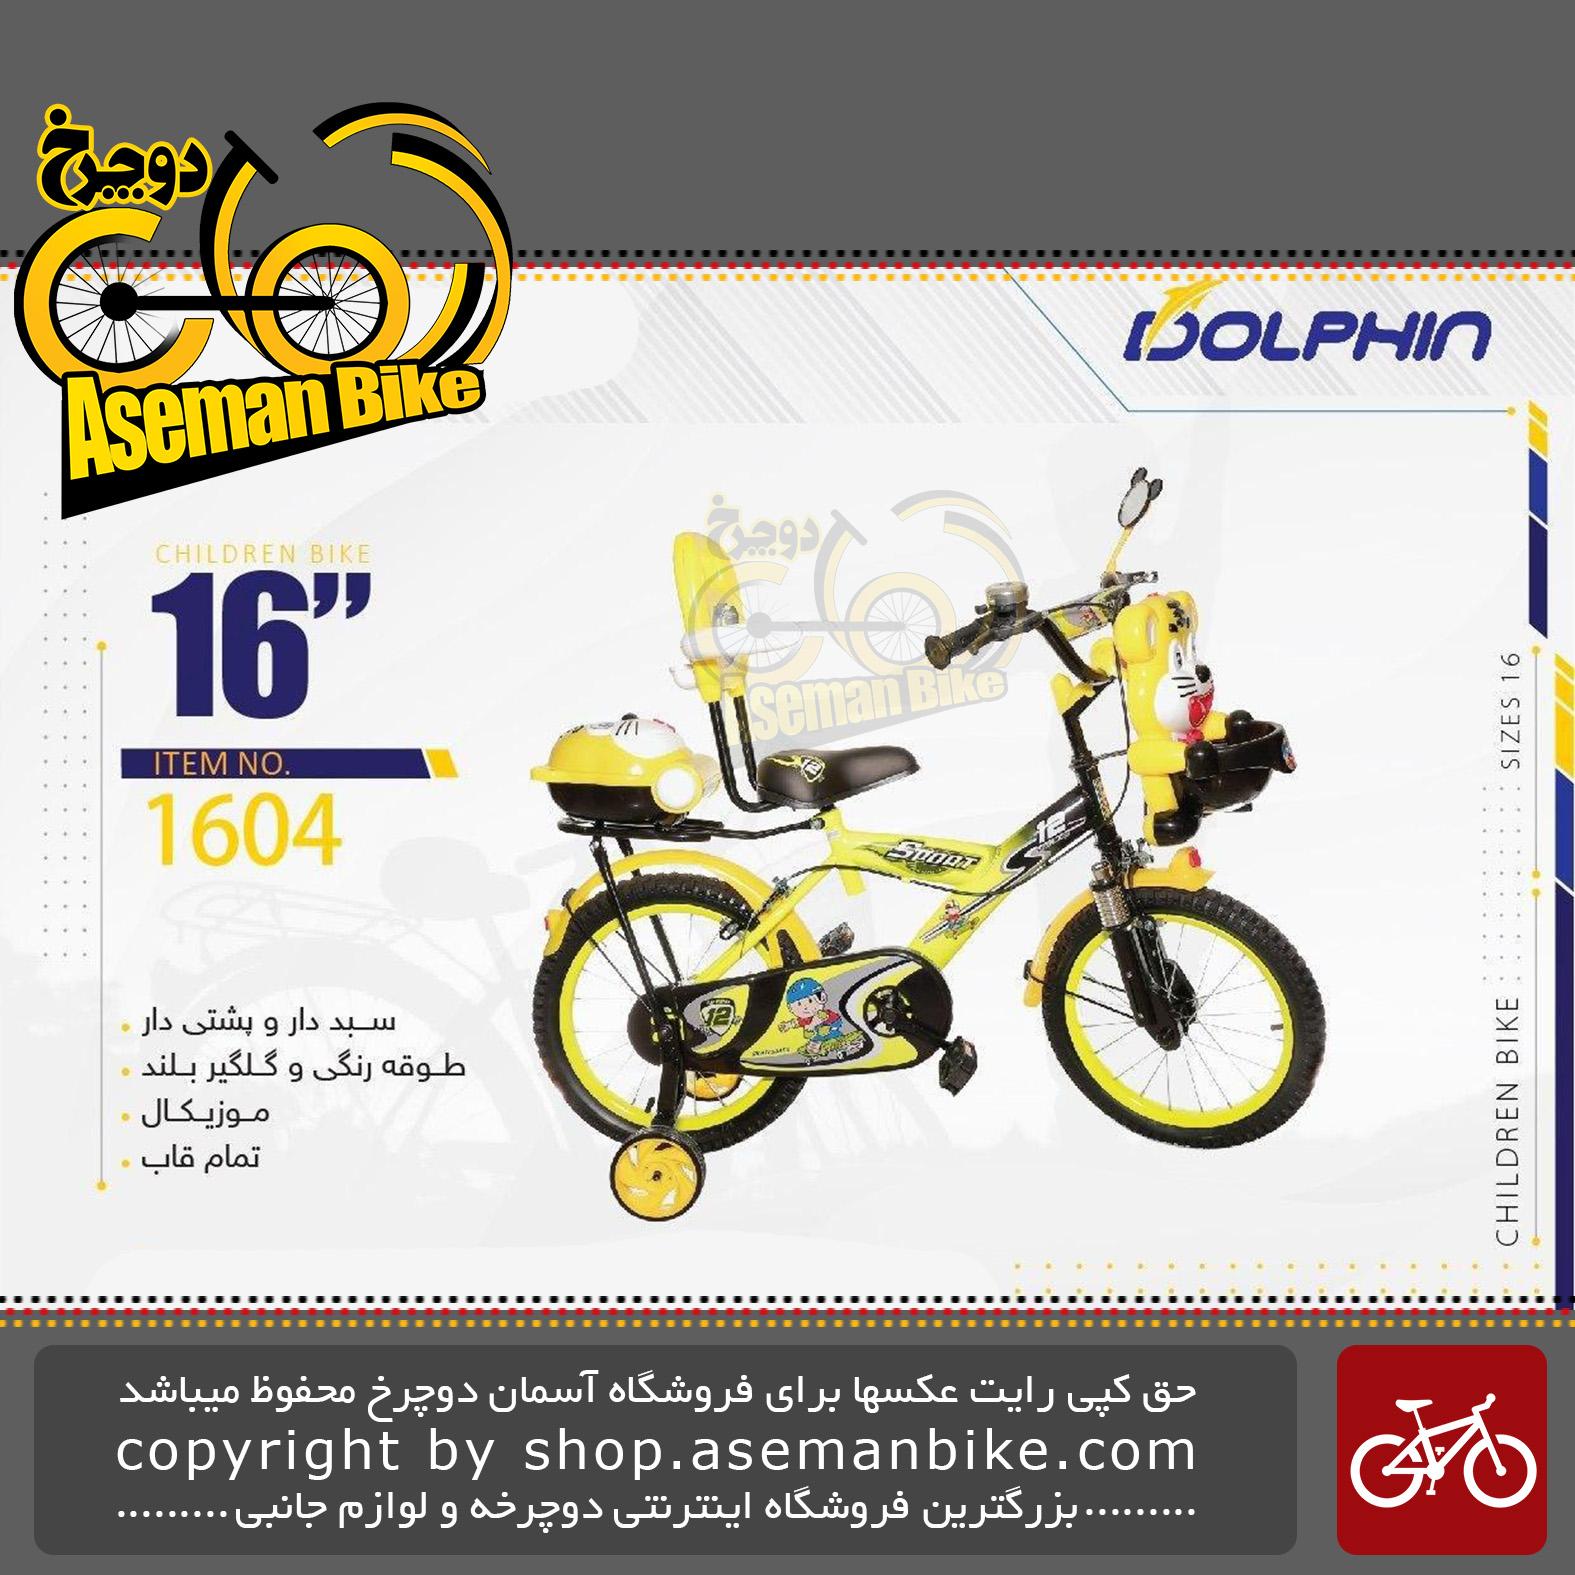 دوچرخه بچگانه دلفین سایز 16 موزیکال صندوق دار پشتی دار سبد دار مدل 1604 DOLPHIN Bicycle Children Bike Size 16 Model 1604